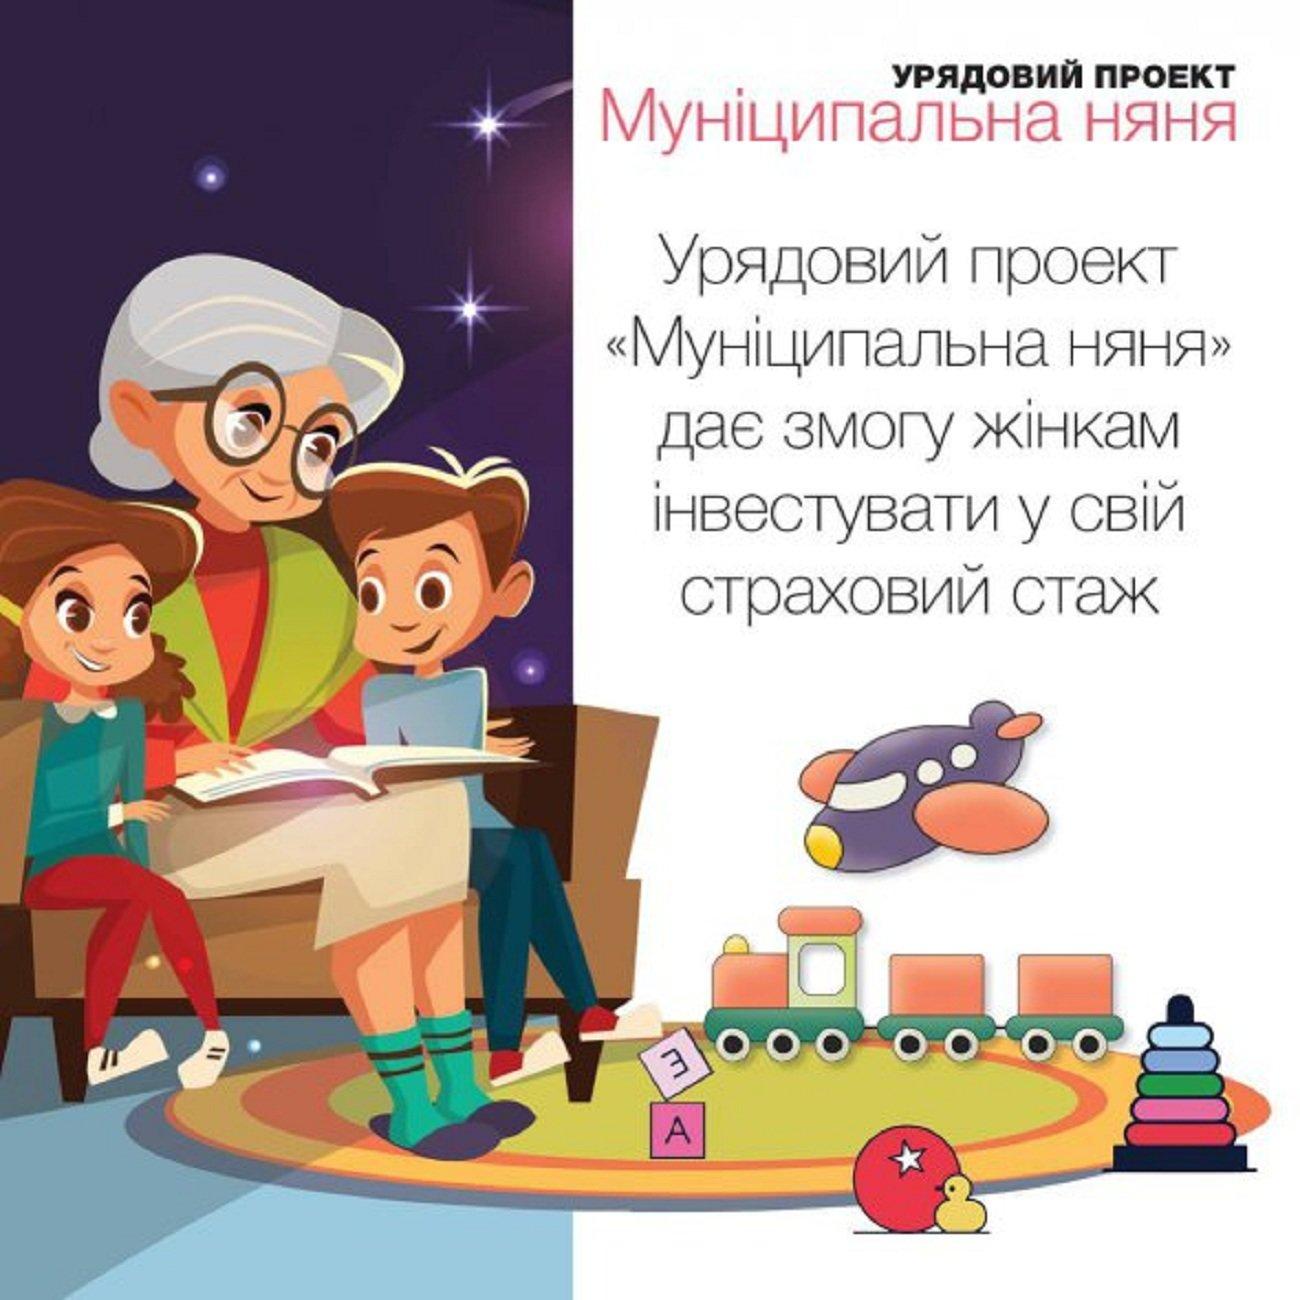 """Проект """"муніципальна няня"""": яким чином держава допомагає молодим сім'ям  , фото-2"""